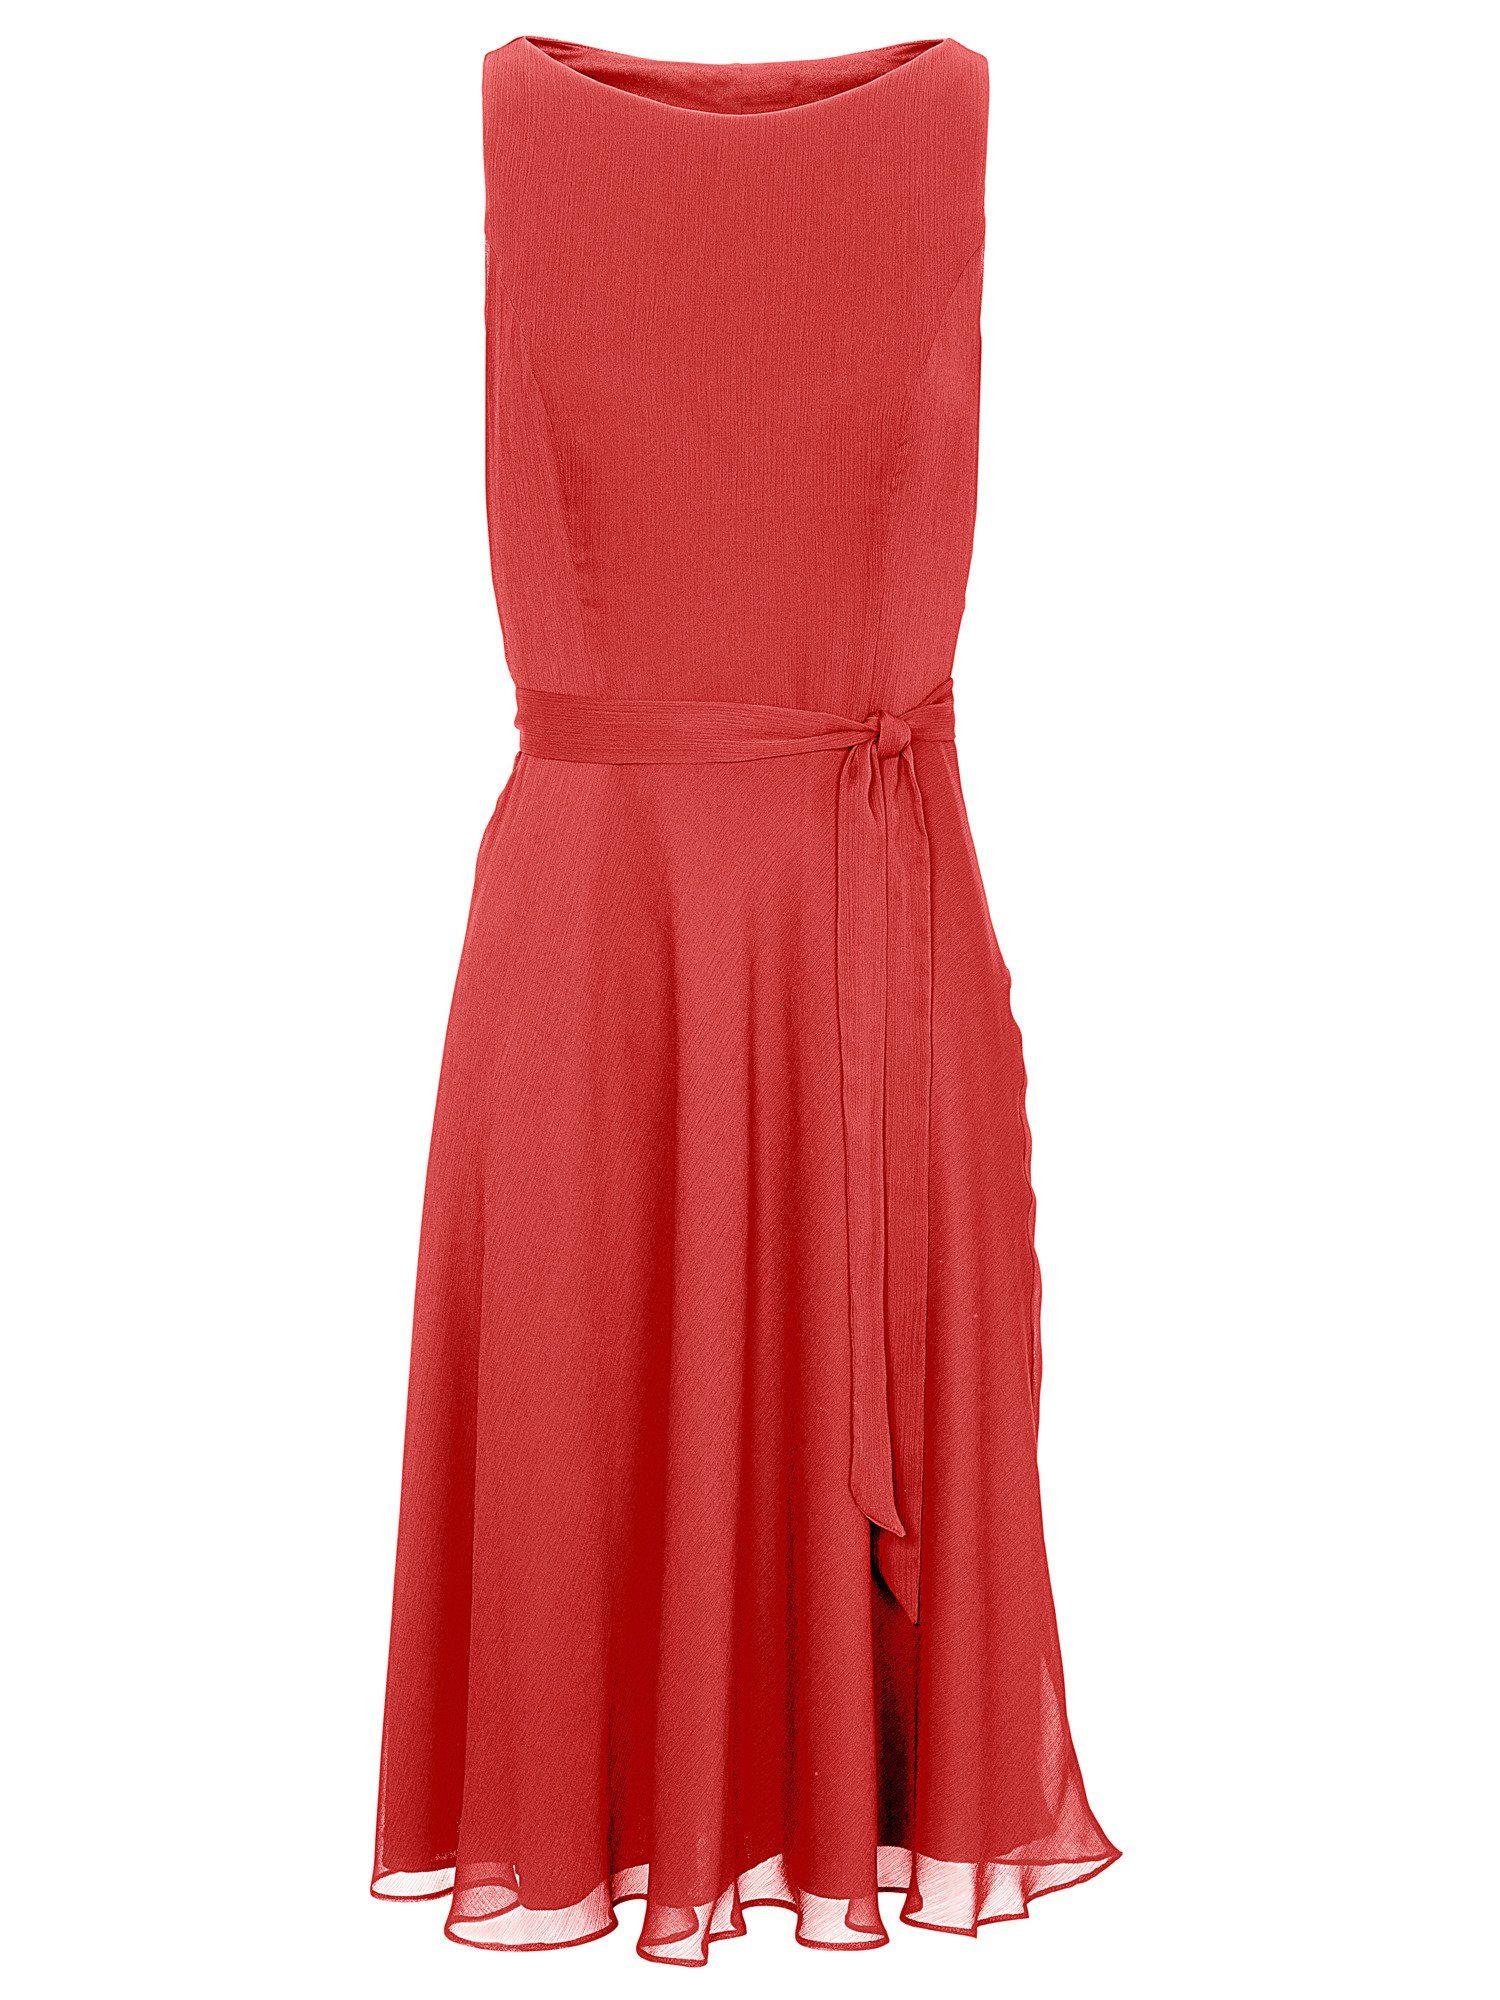 heine TIMELESS Prinzesskleid mit Chiffon, Für einen femininen und eleganten Auftritt online kaufen | OTTO